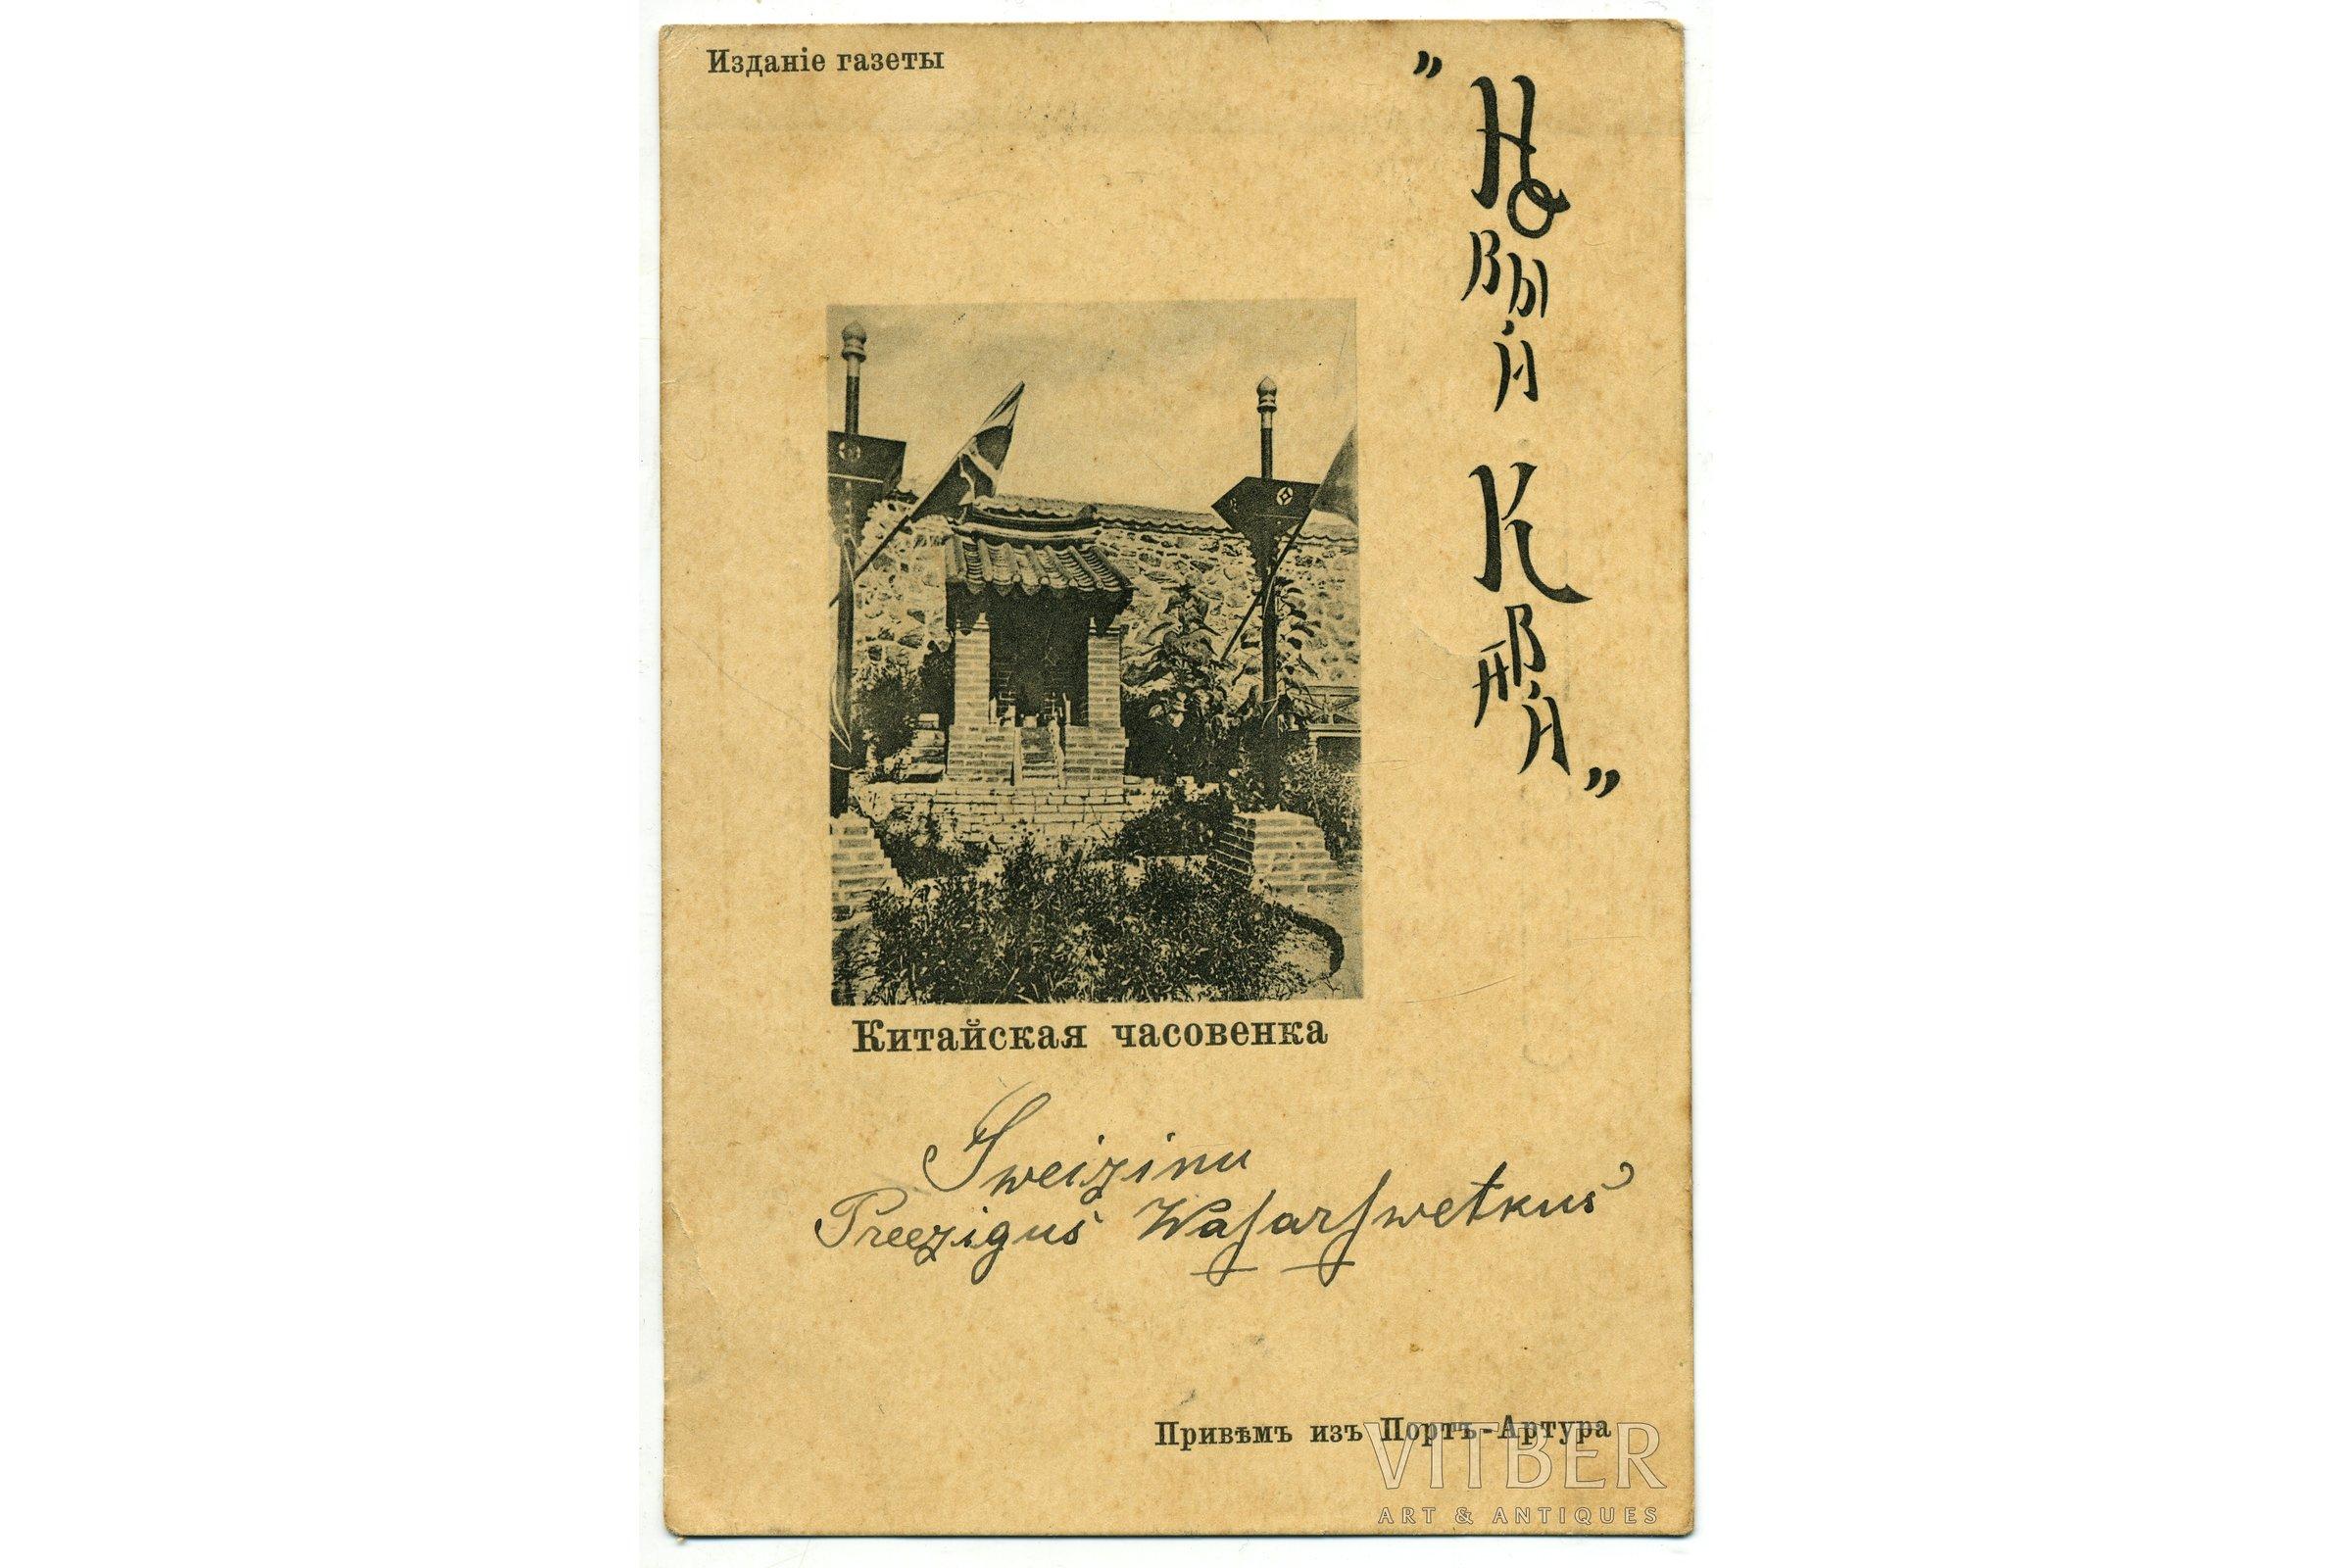 открытки из порт-артура расскажем